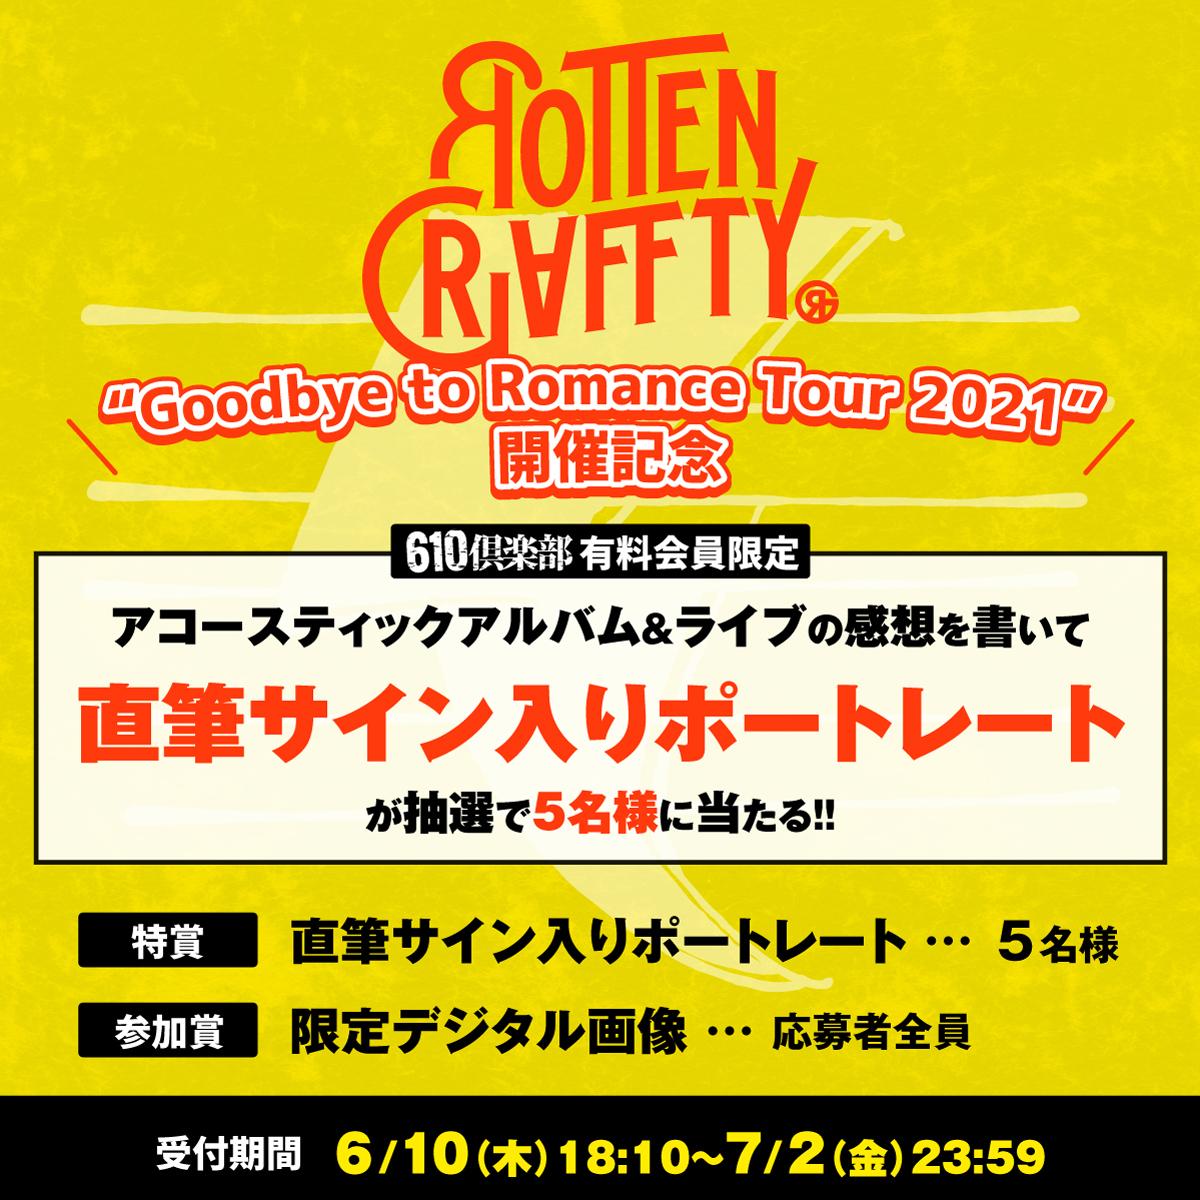 【610倶楽部限定】初アコースティックアルバム&ライブの感想を大募集!